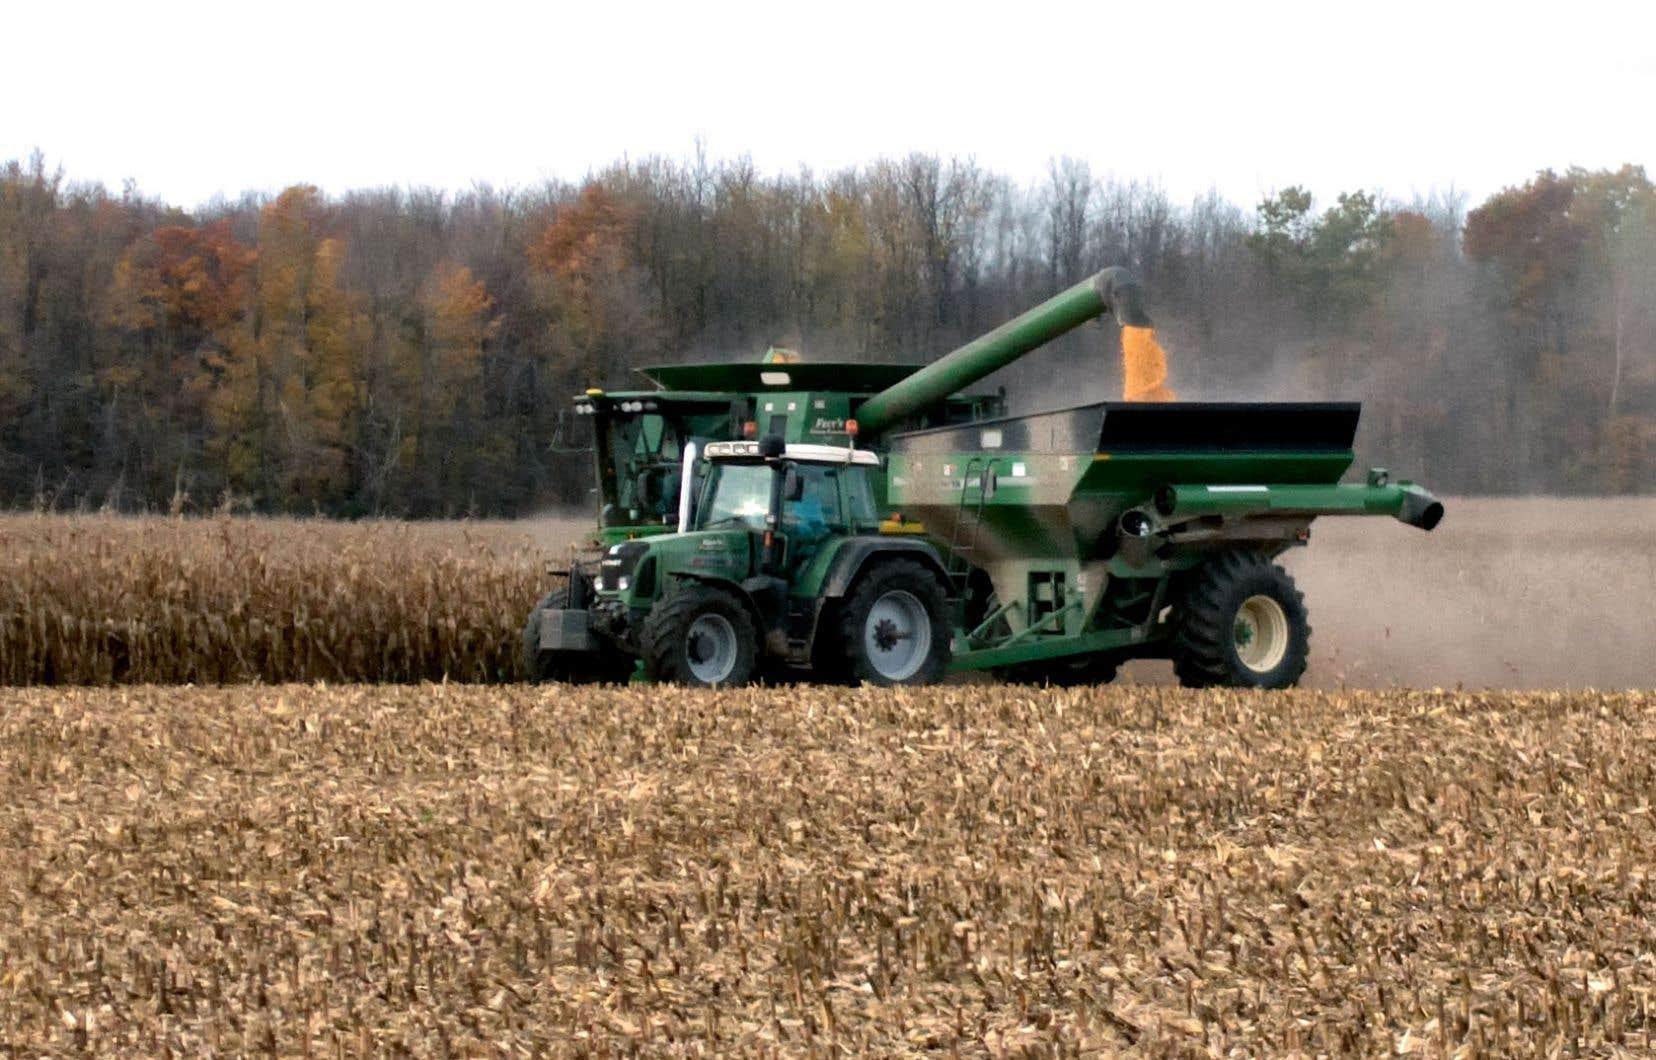 Jusqu'à maintenant, la croyance voulait que les semences enrobées de néonicotinoïdes améliorent les rendements agricoles, justifiant ainsi leur utilisation, tant pour les producteurs que pour les gouvernements.